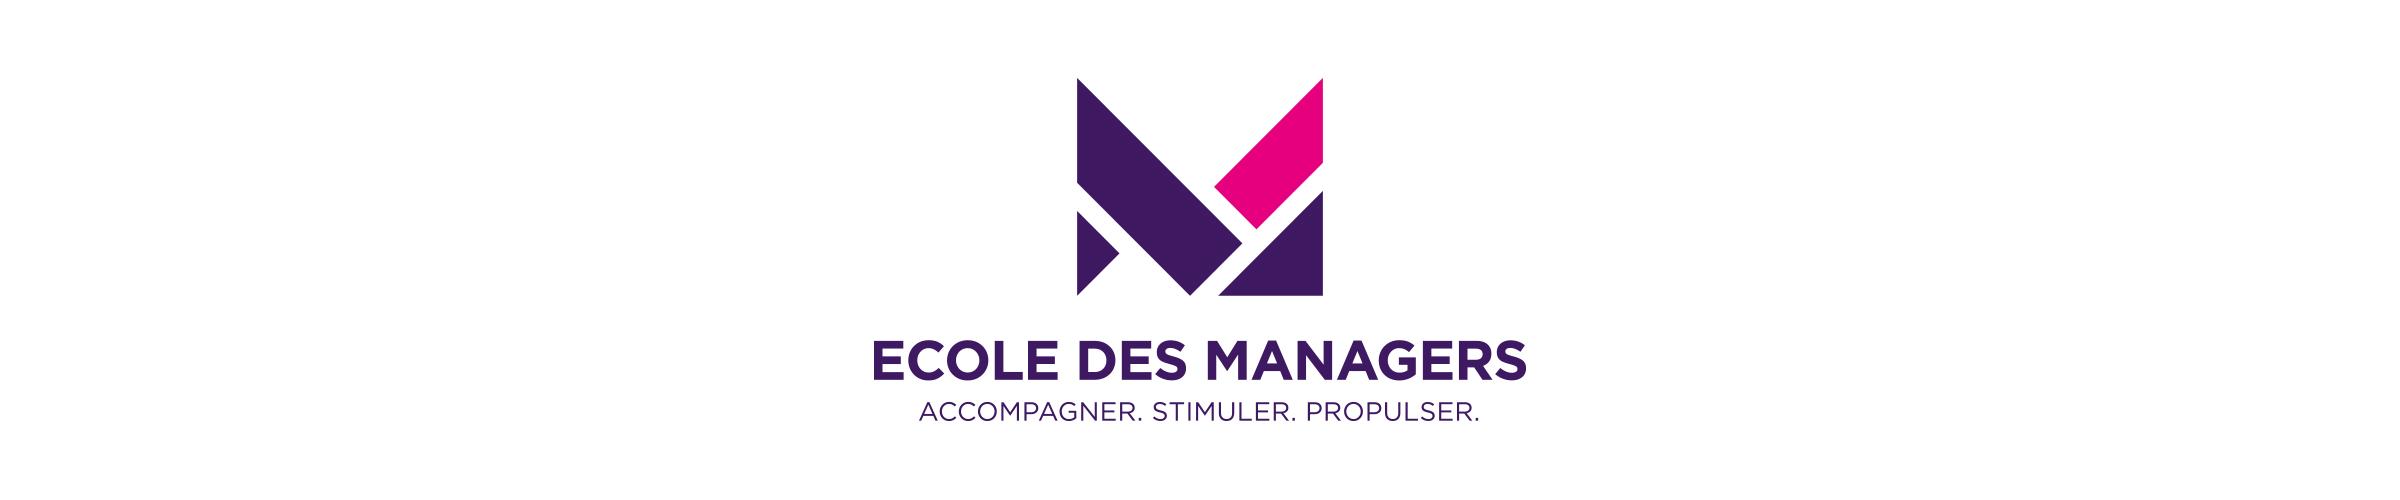 Ecole des managers logo